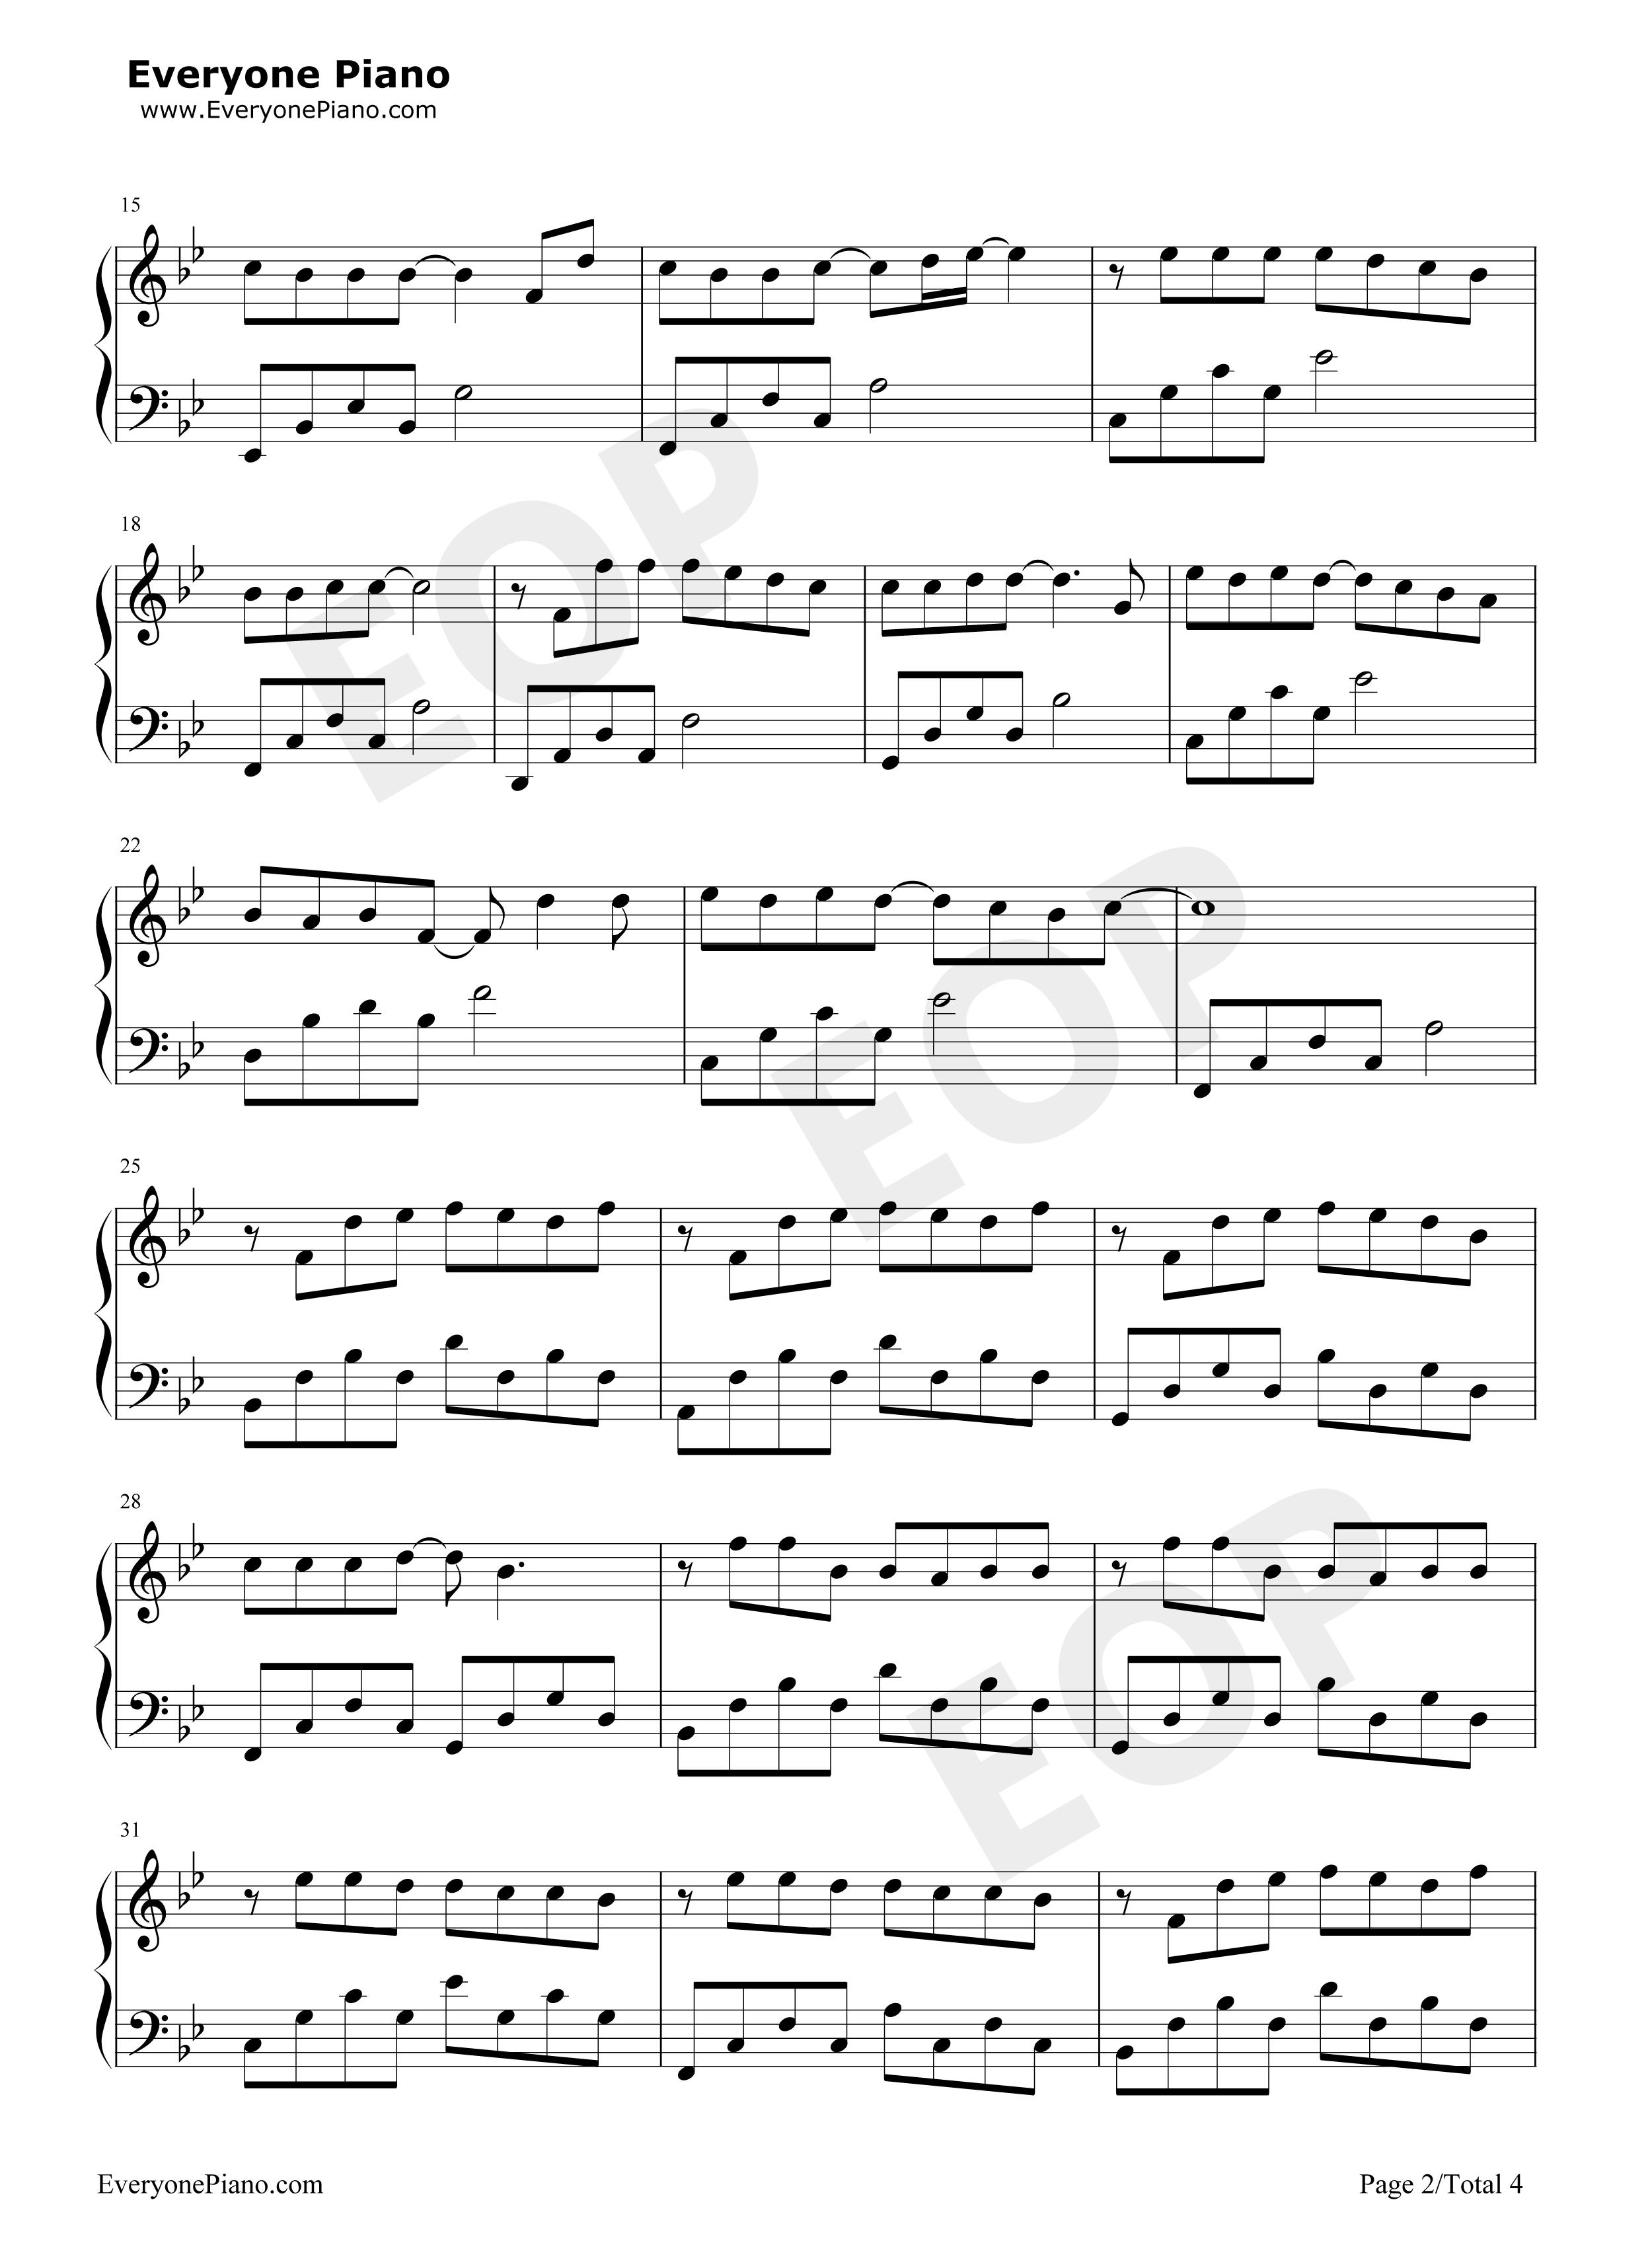 安静-周杰伦五线谱预览2-钢琴谱(五线谱,双手简谱)